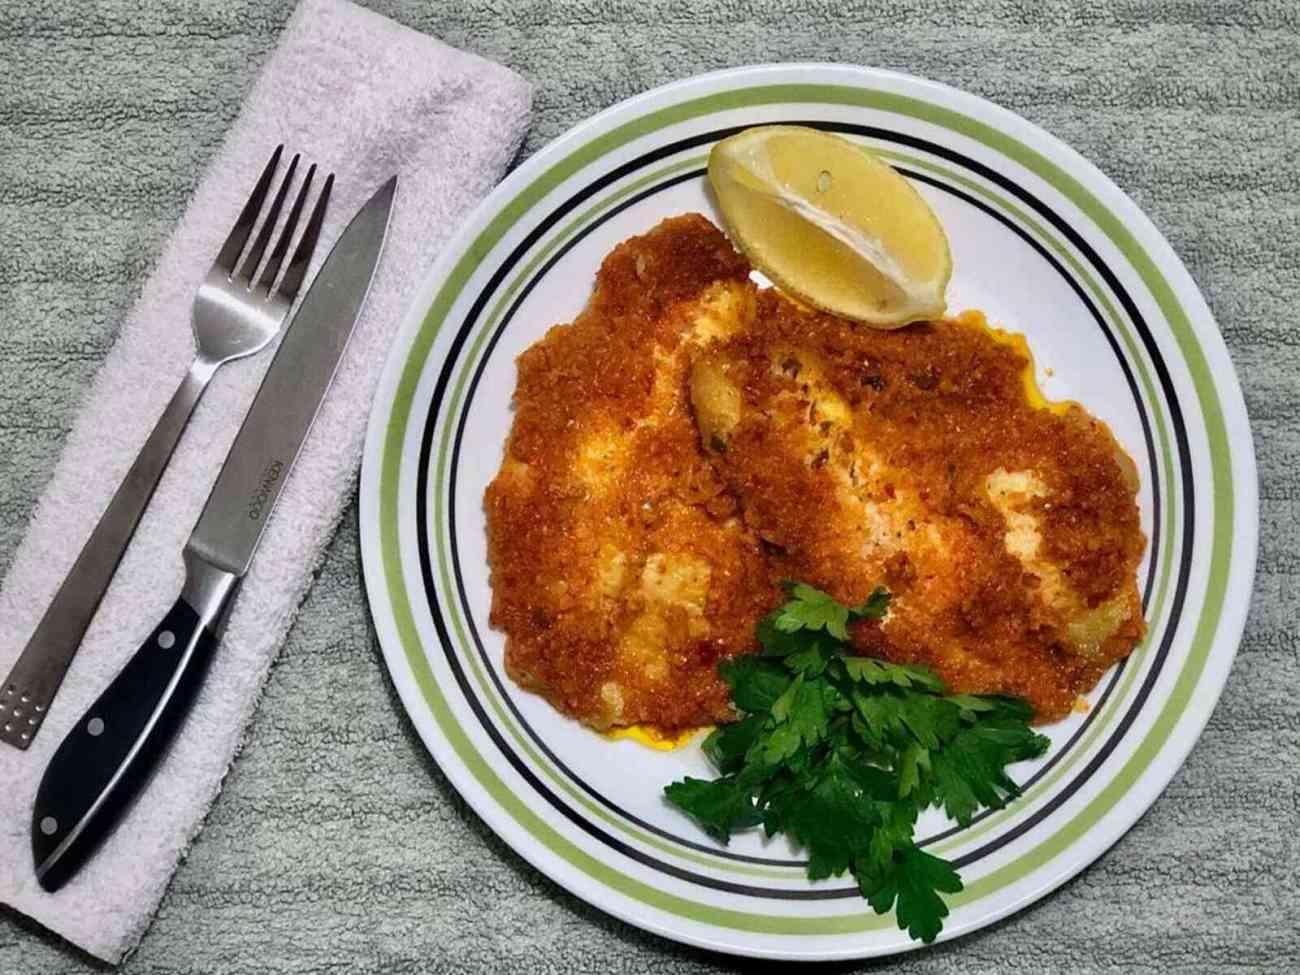 דג אמנון בתנור עם ממרח פלפלים ושום